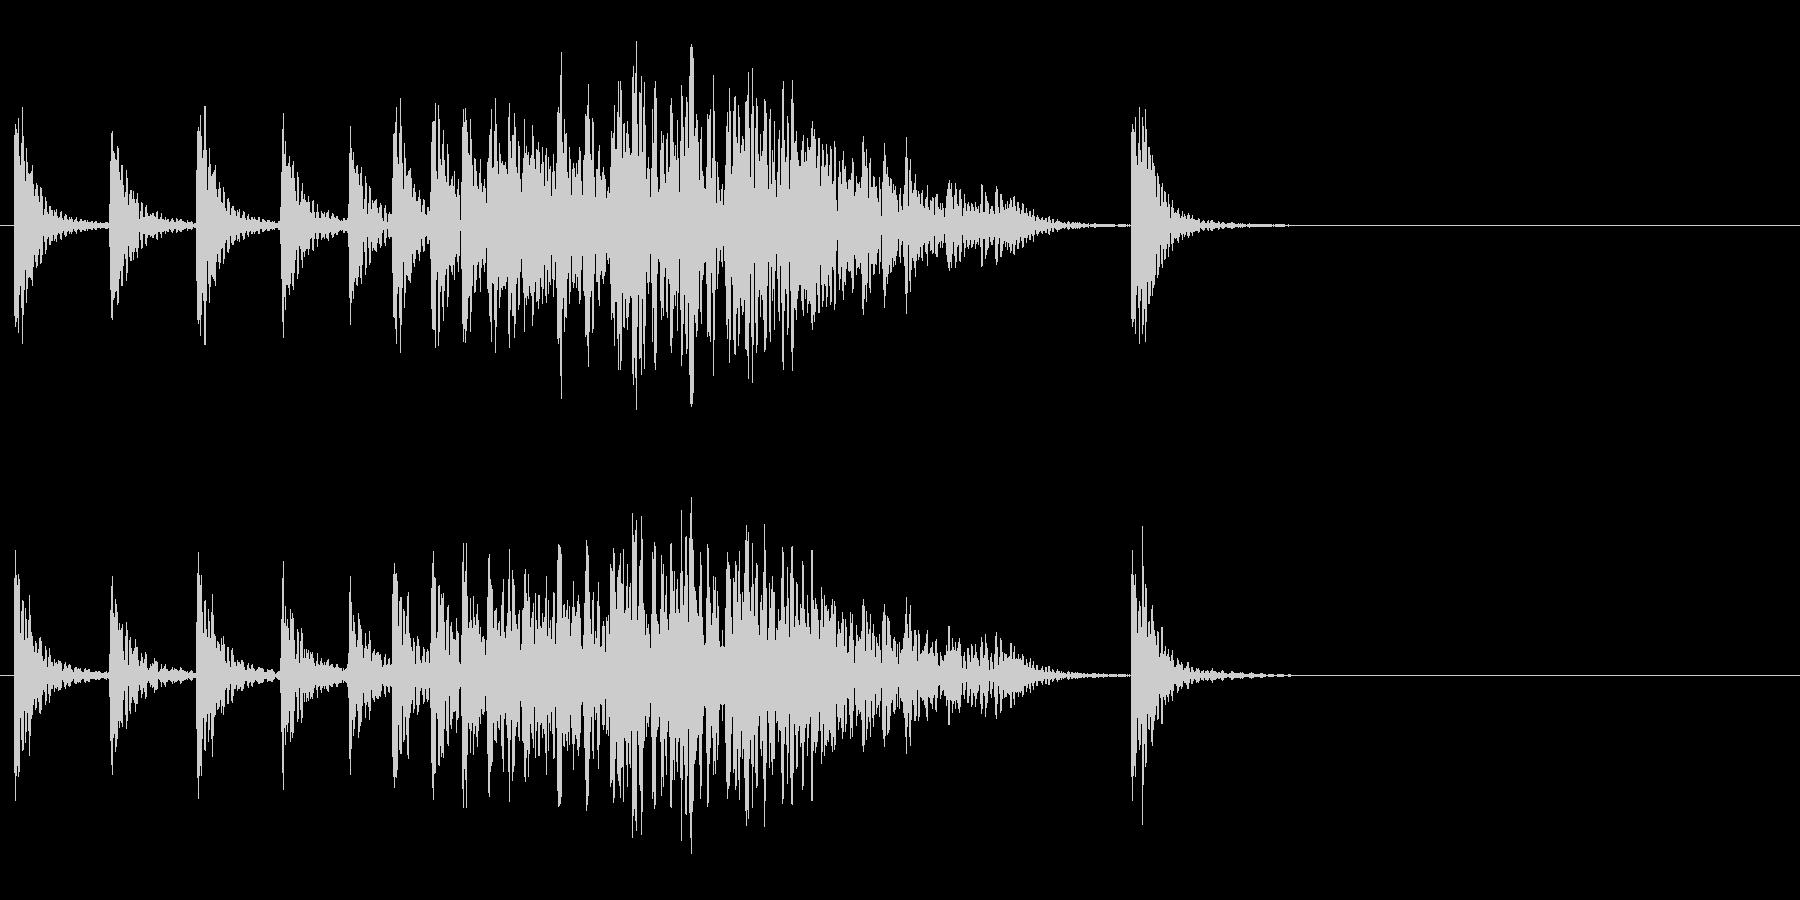 段々早くなる和太鼓の未再生の波形